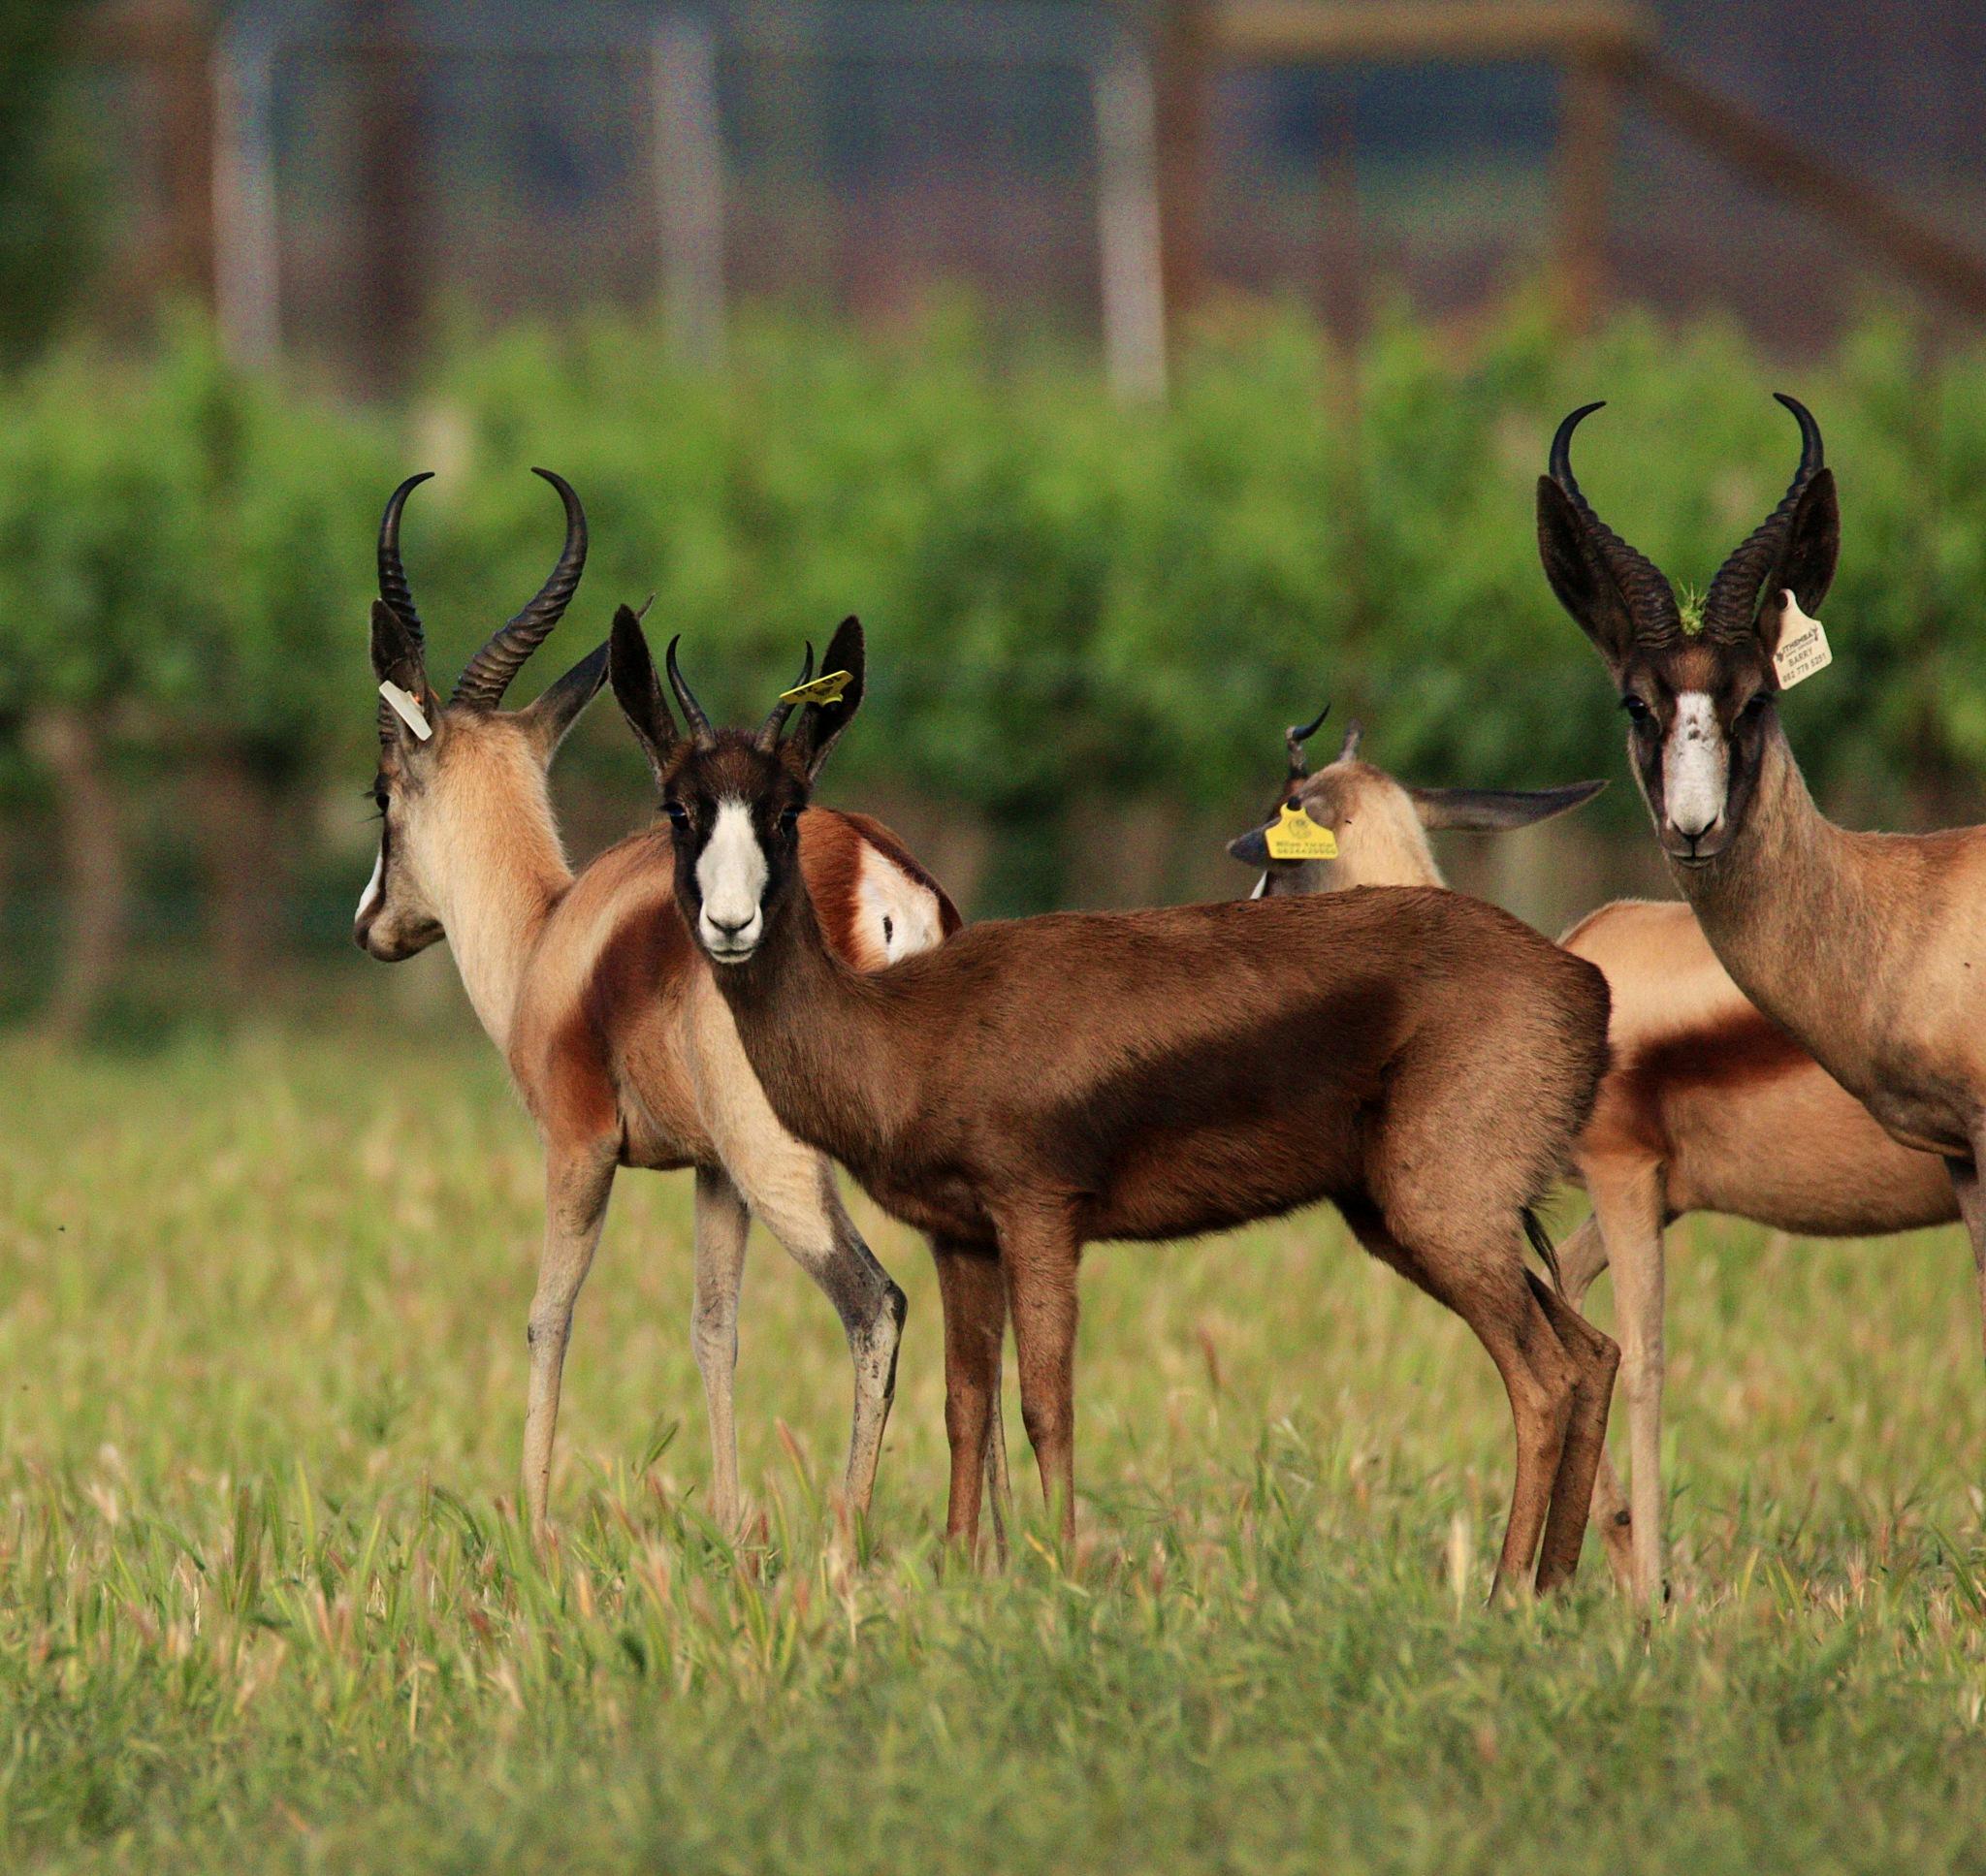 swart springbok by ABRossouw